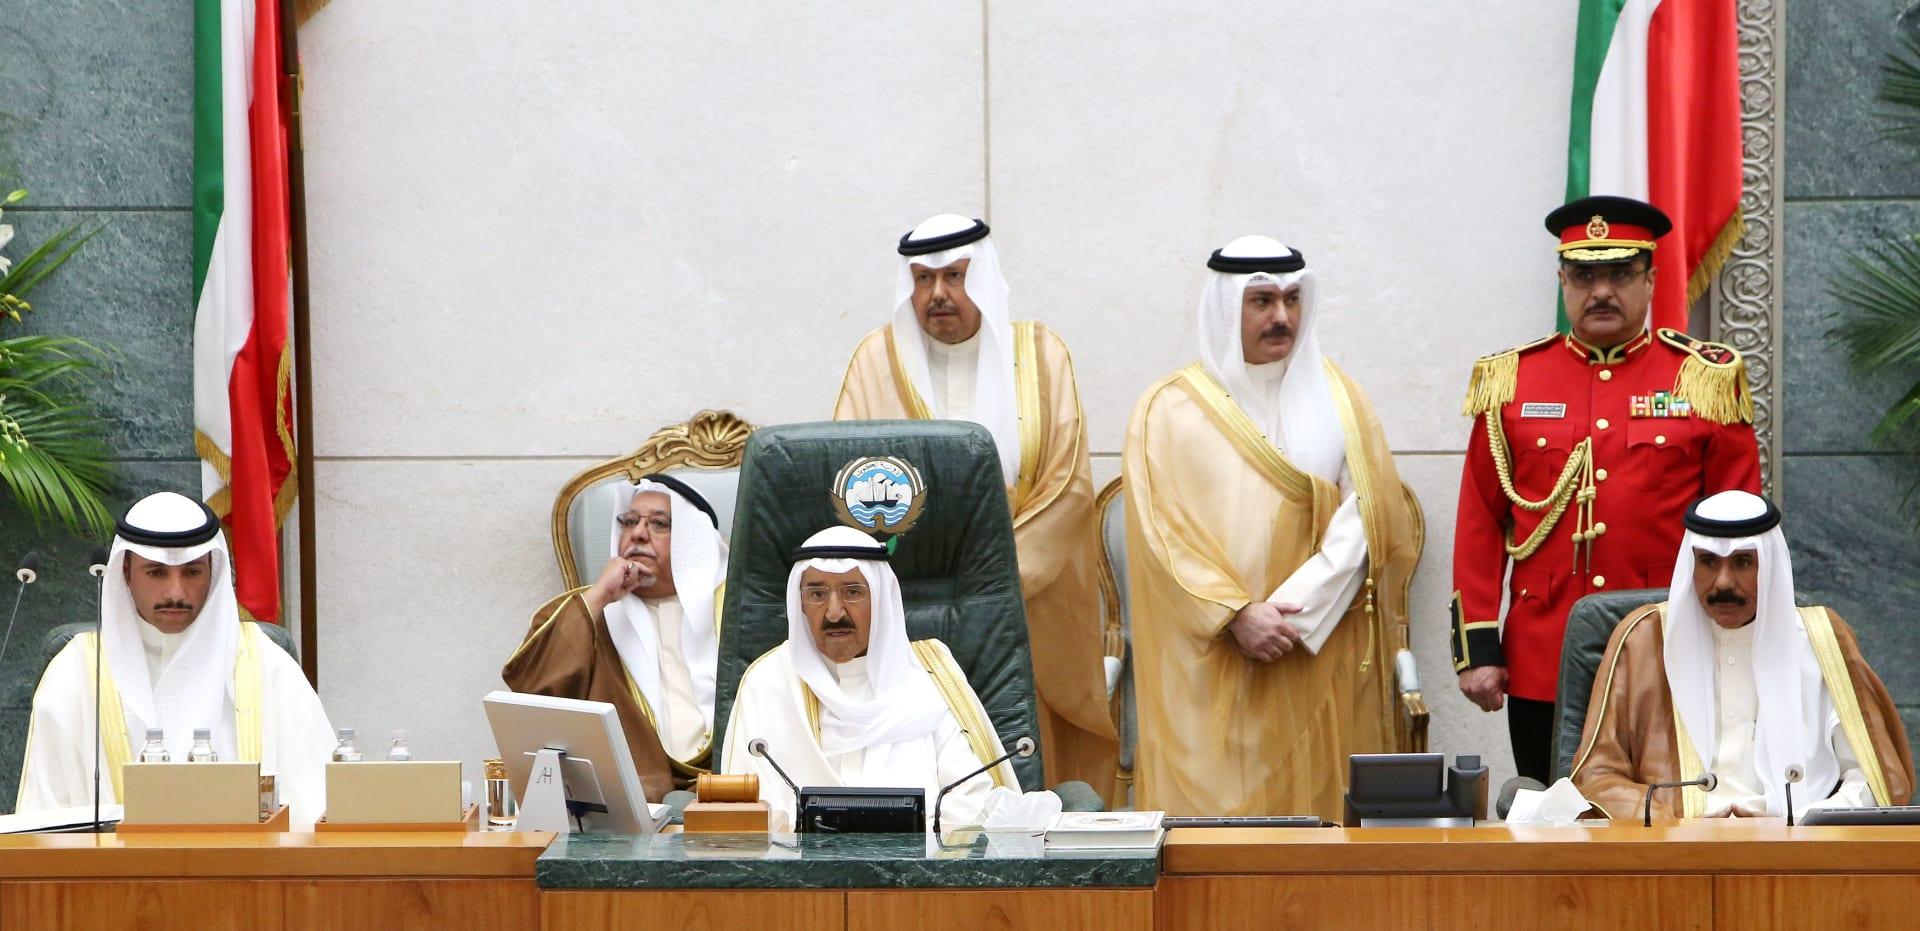 أمير الكويت: التنمیة واستقرار الاقتصاد أساس مواجھة التحدیات